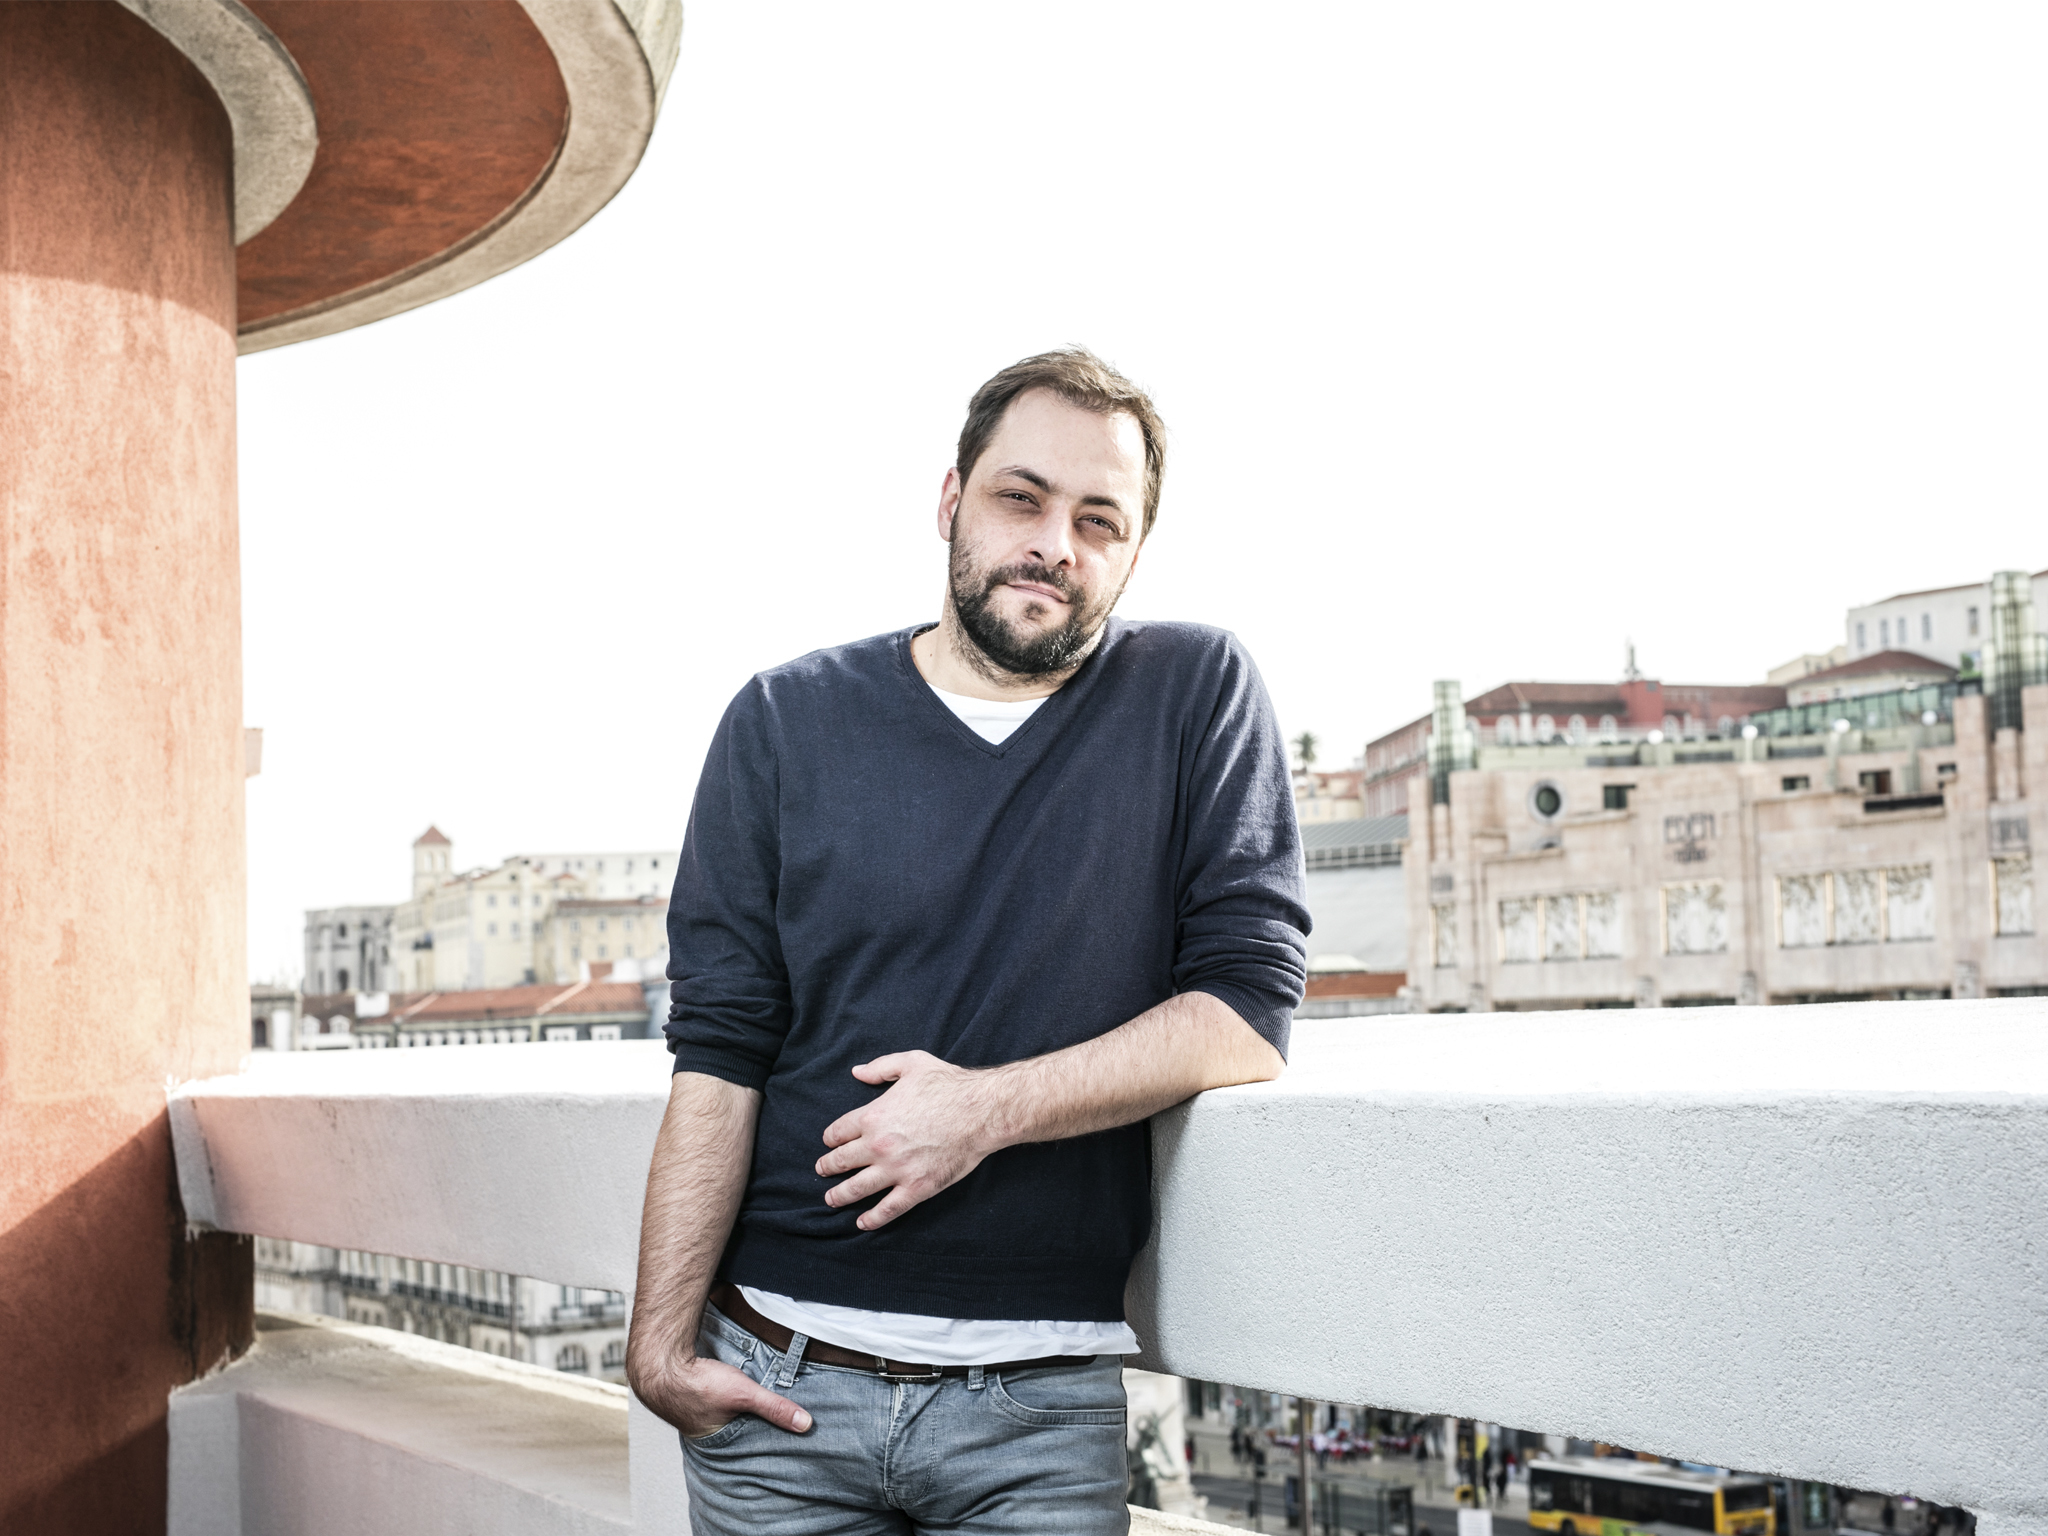 Entrevista a António Zambujo: hoje é o Chico, amanhã talvez o Tom Waits